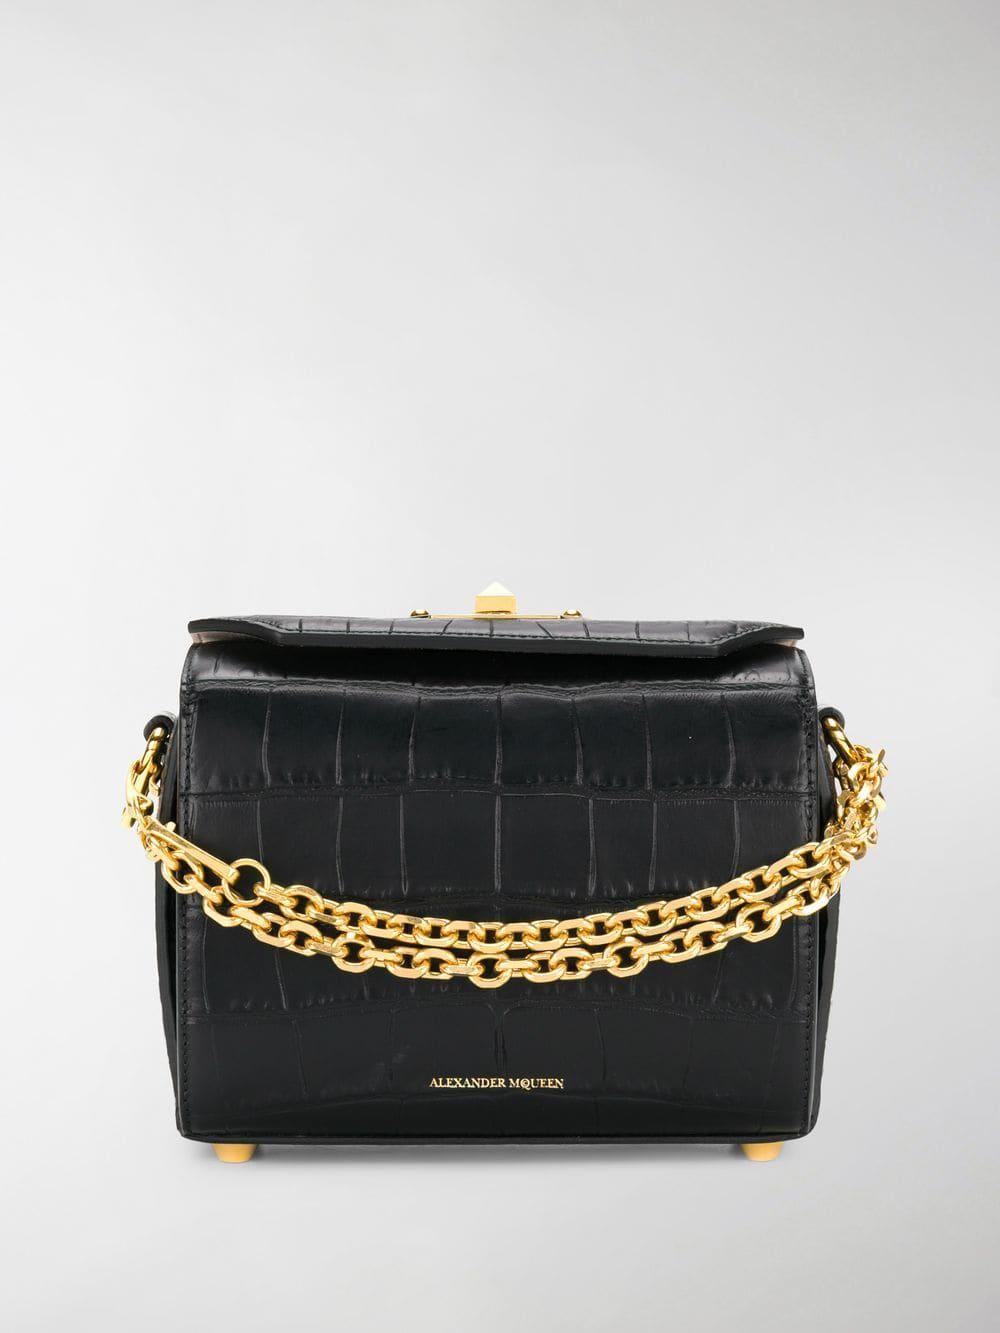 Alexander McQueen Black Borsa A Spalla Box | Bags, Bag